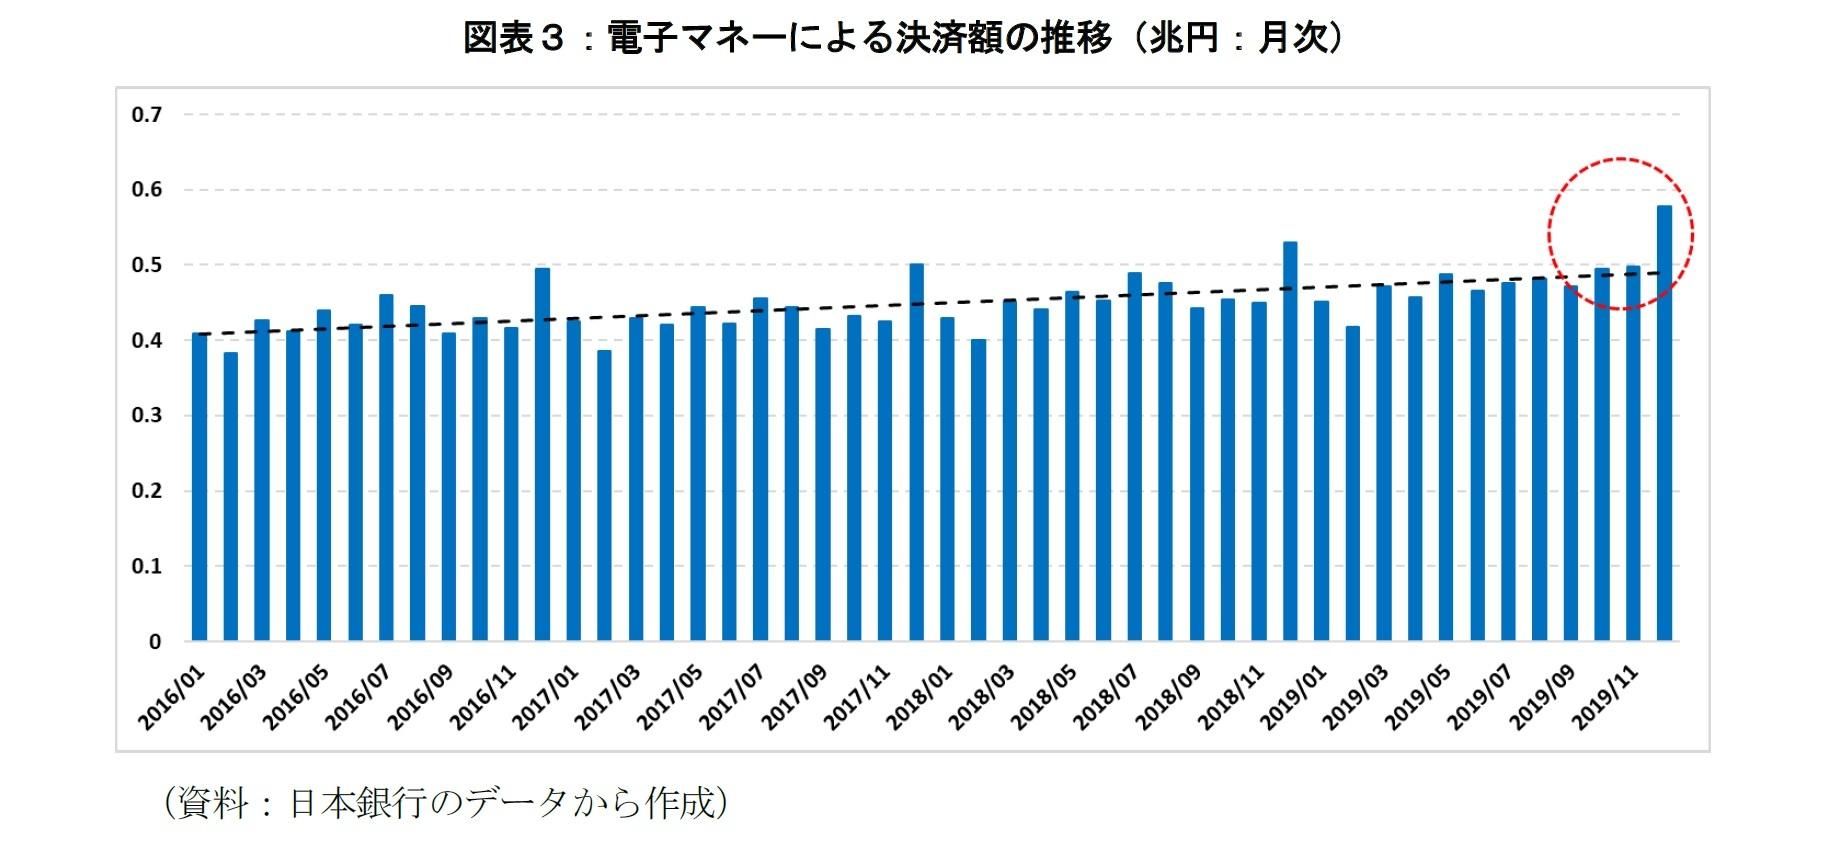 図表3:電子マネーによる決済額の推移(兆円:月次)